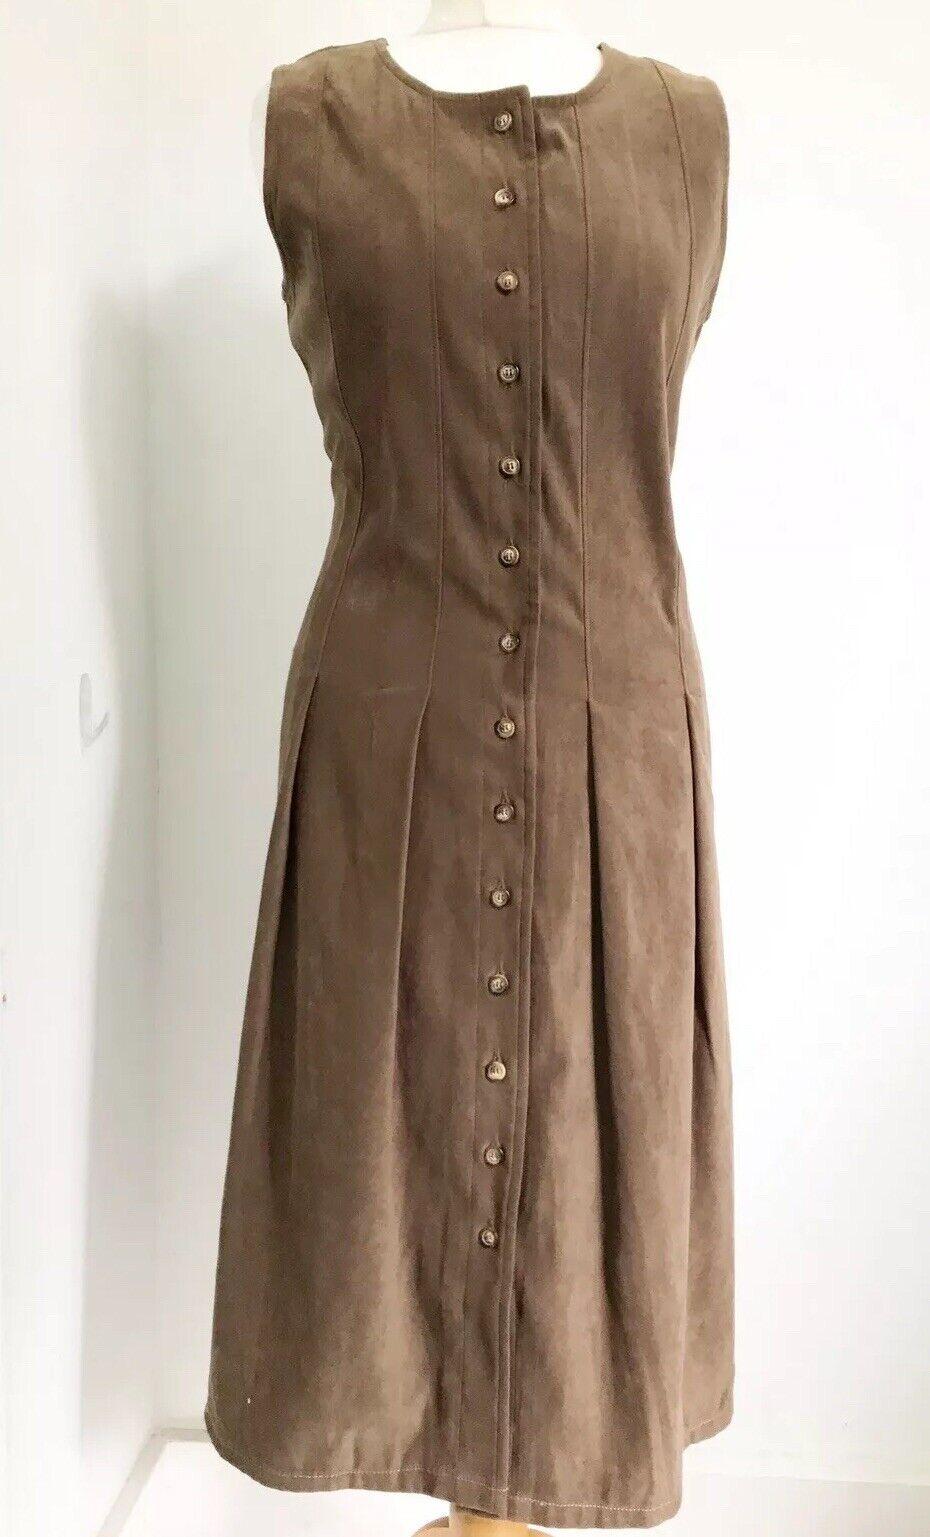 Ladies ORVIS Khaki Green   Olive Button Front Sleeveless Dress Sz US 8